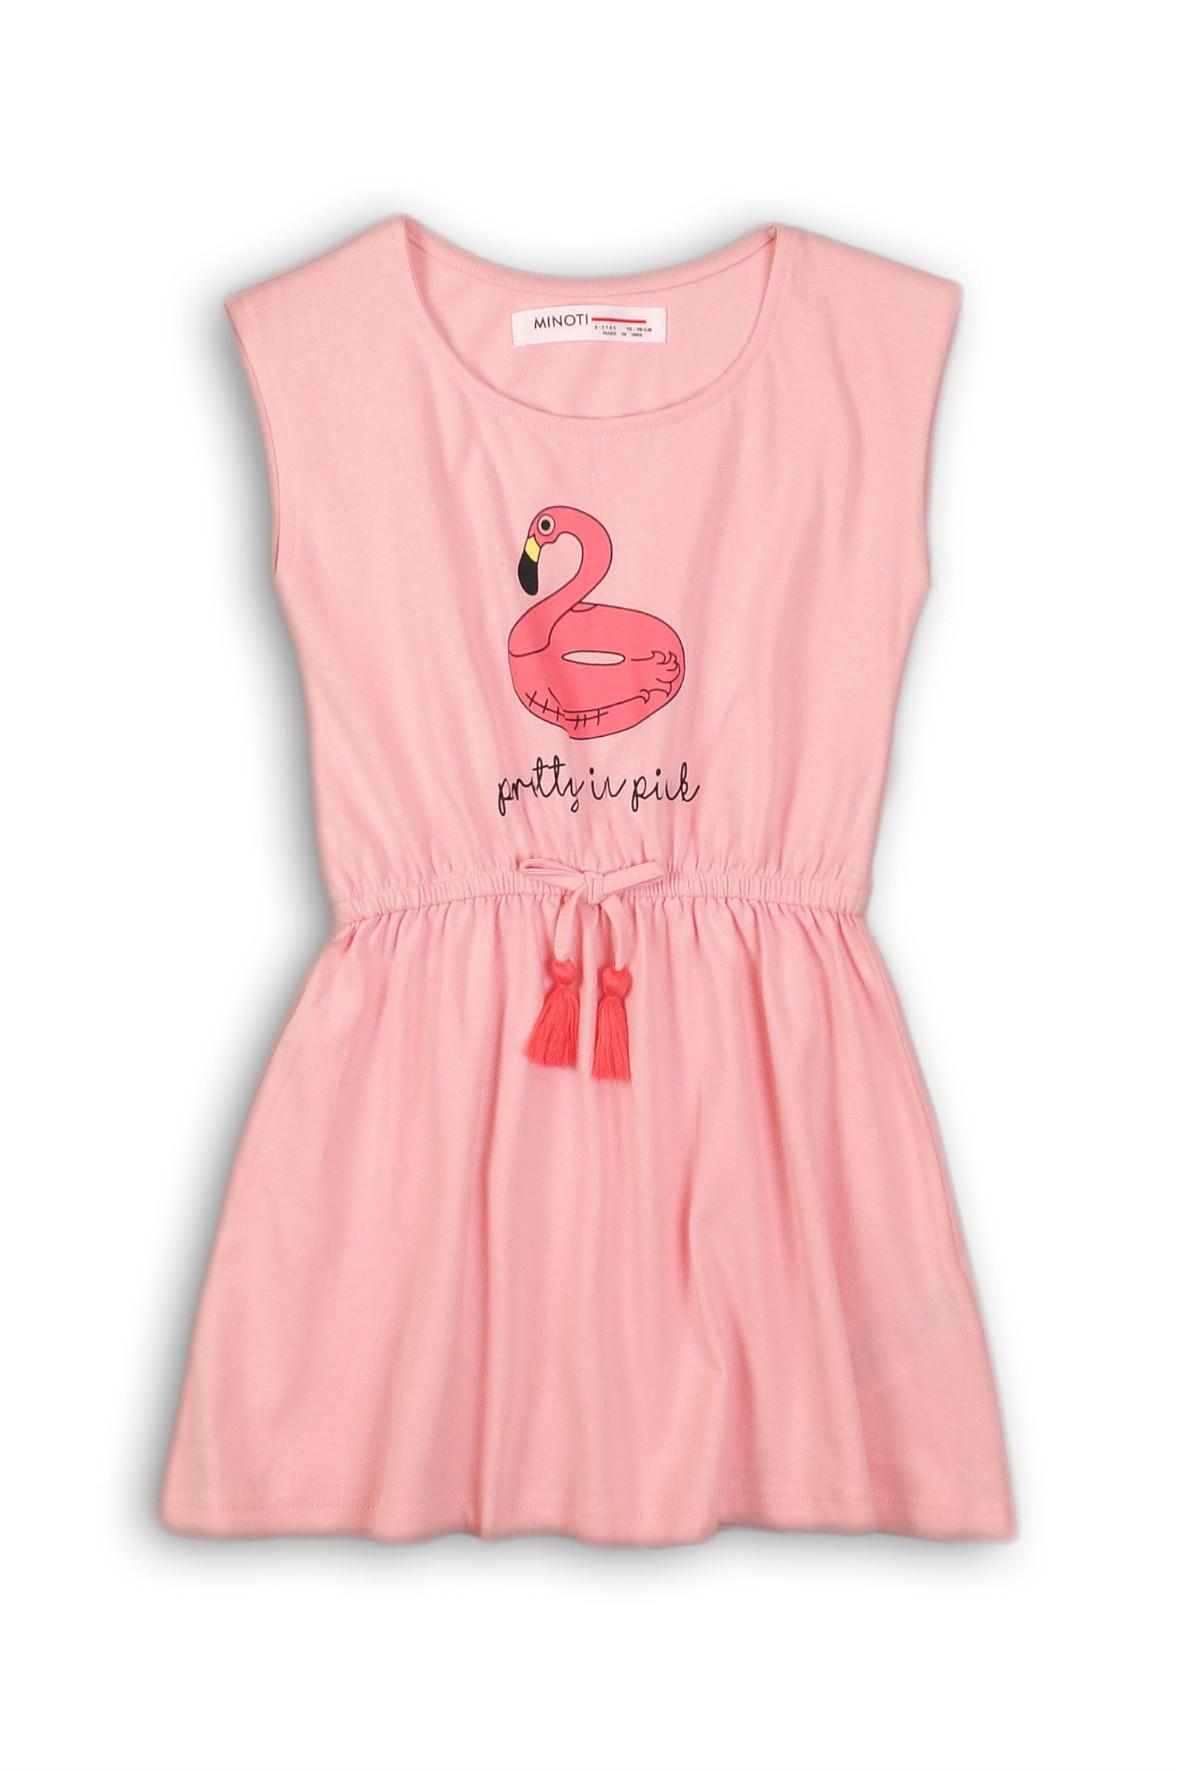 e99fbd6538 Różowa sukienka na ramiączka z flamingiem dla dziewczynki ...